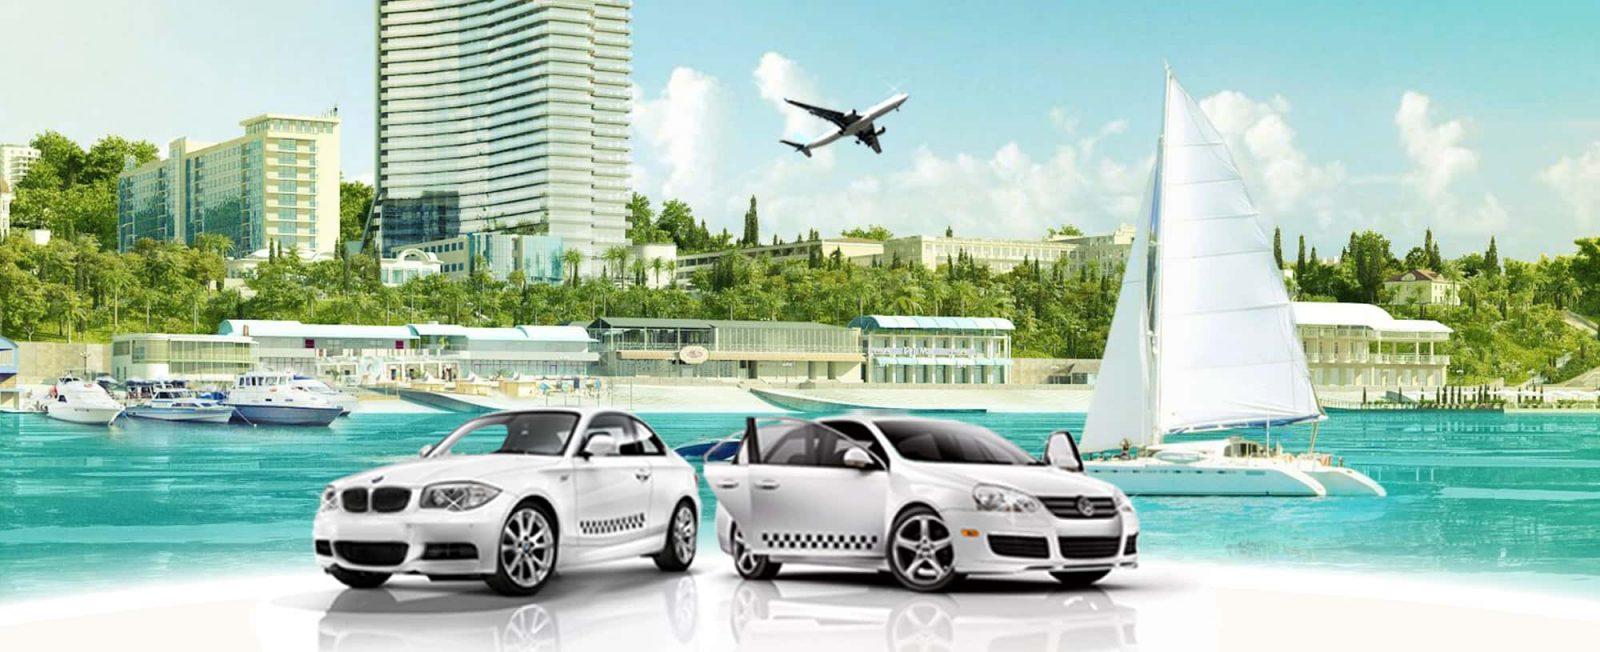 Как правильно вызвать такси в Анапе?